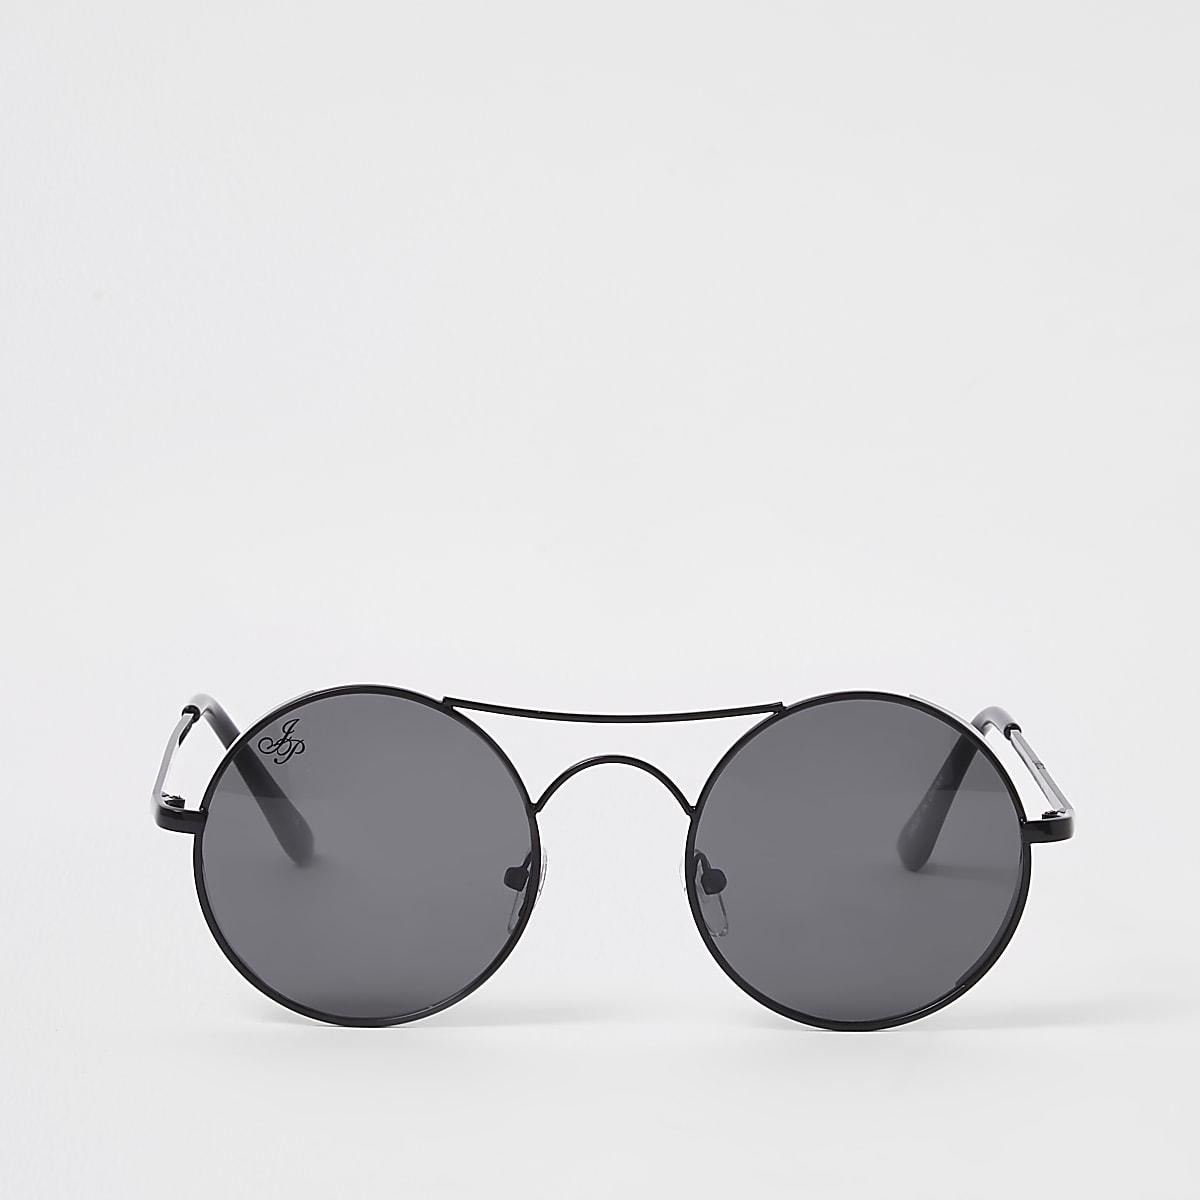 Jeepers Peepers black aviator sunglasses